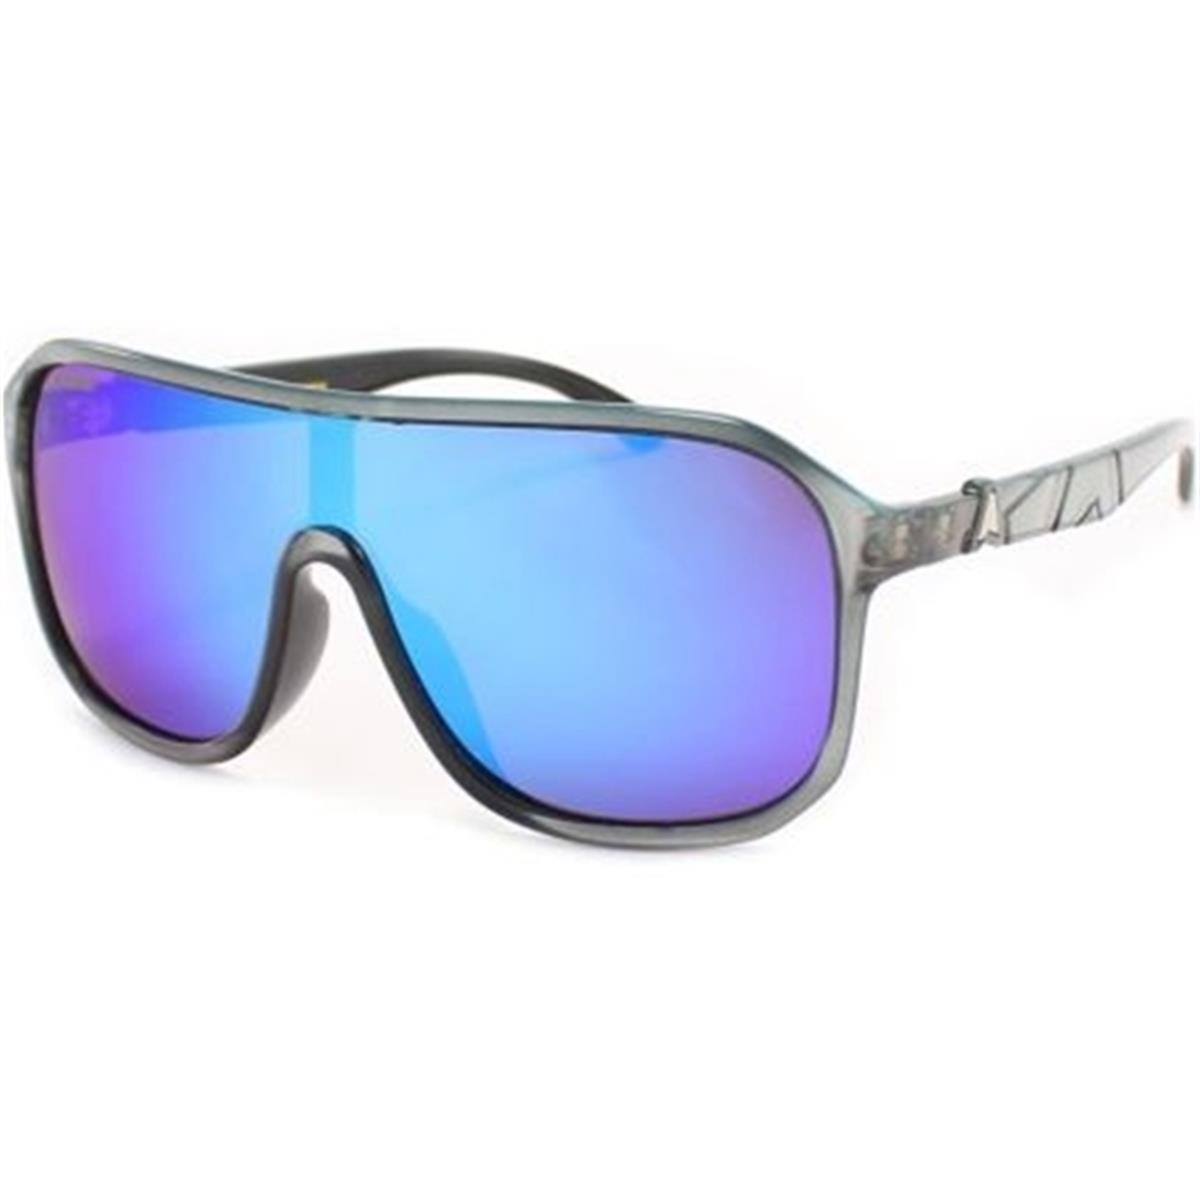 b5bb59b4404be Óculos de Sol Prata Escuro e Lente Azul GUANABARA Absurda